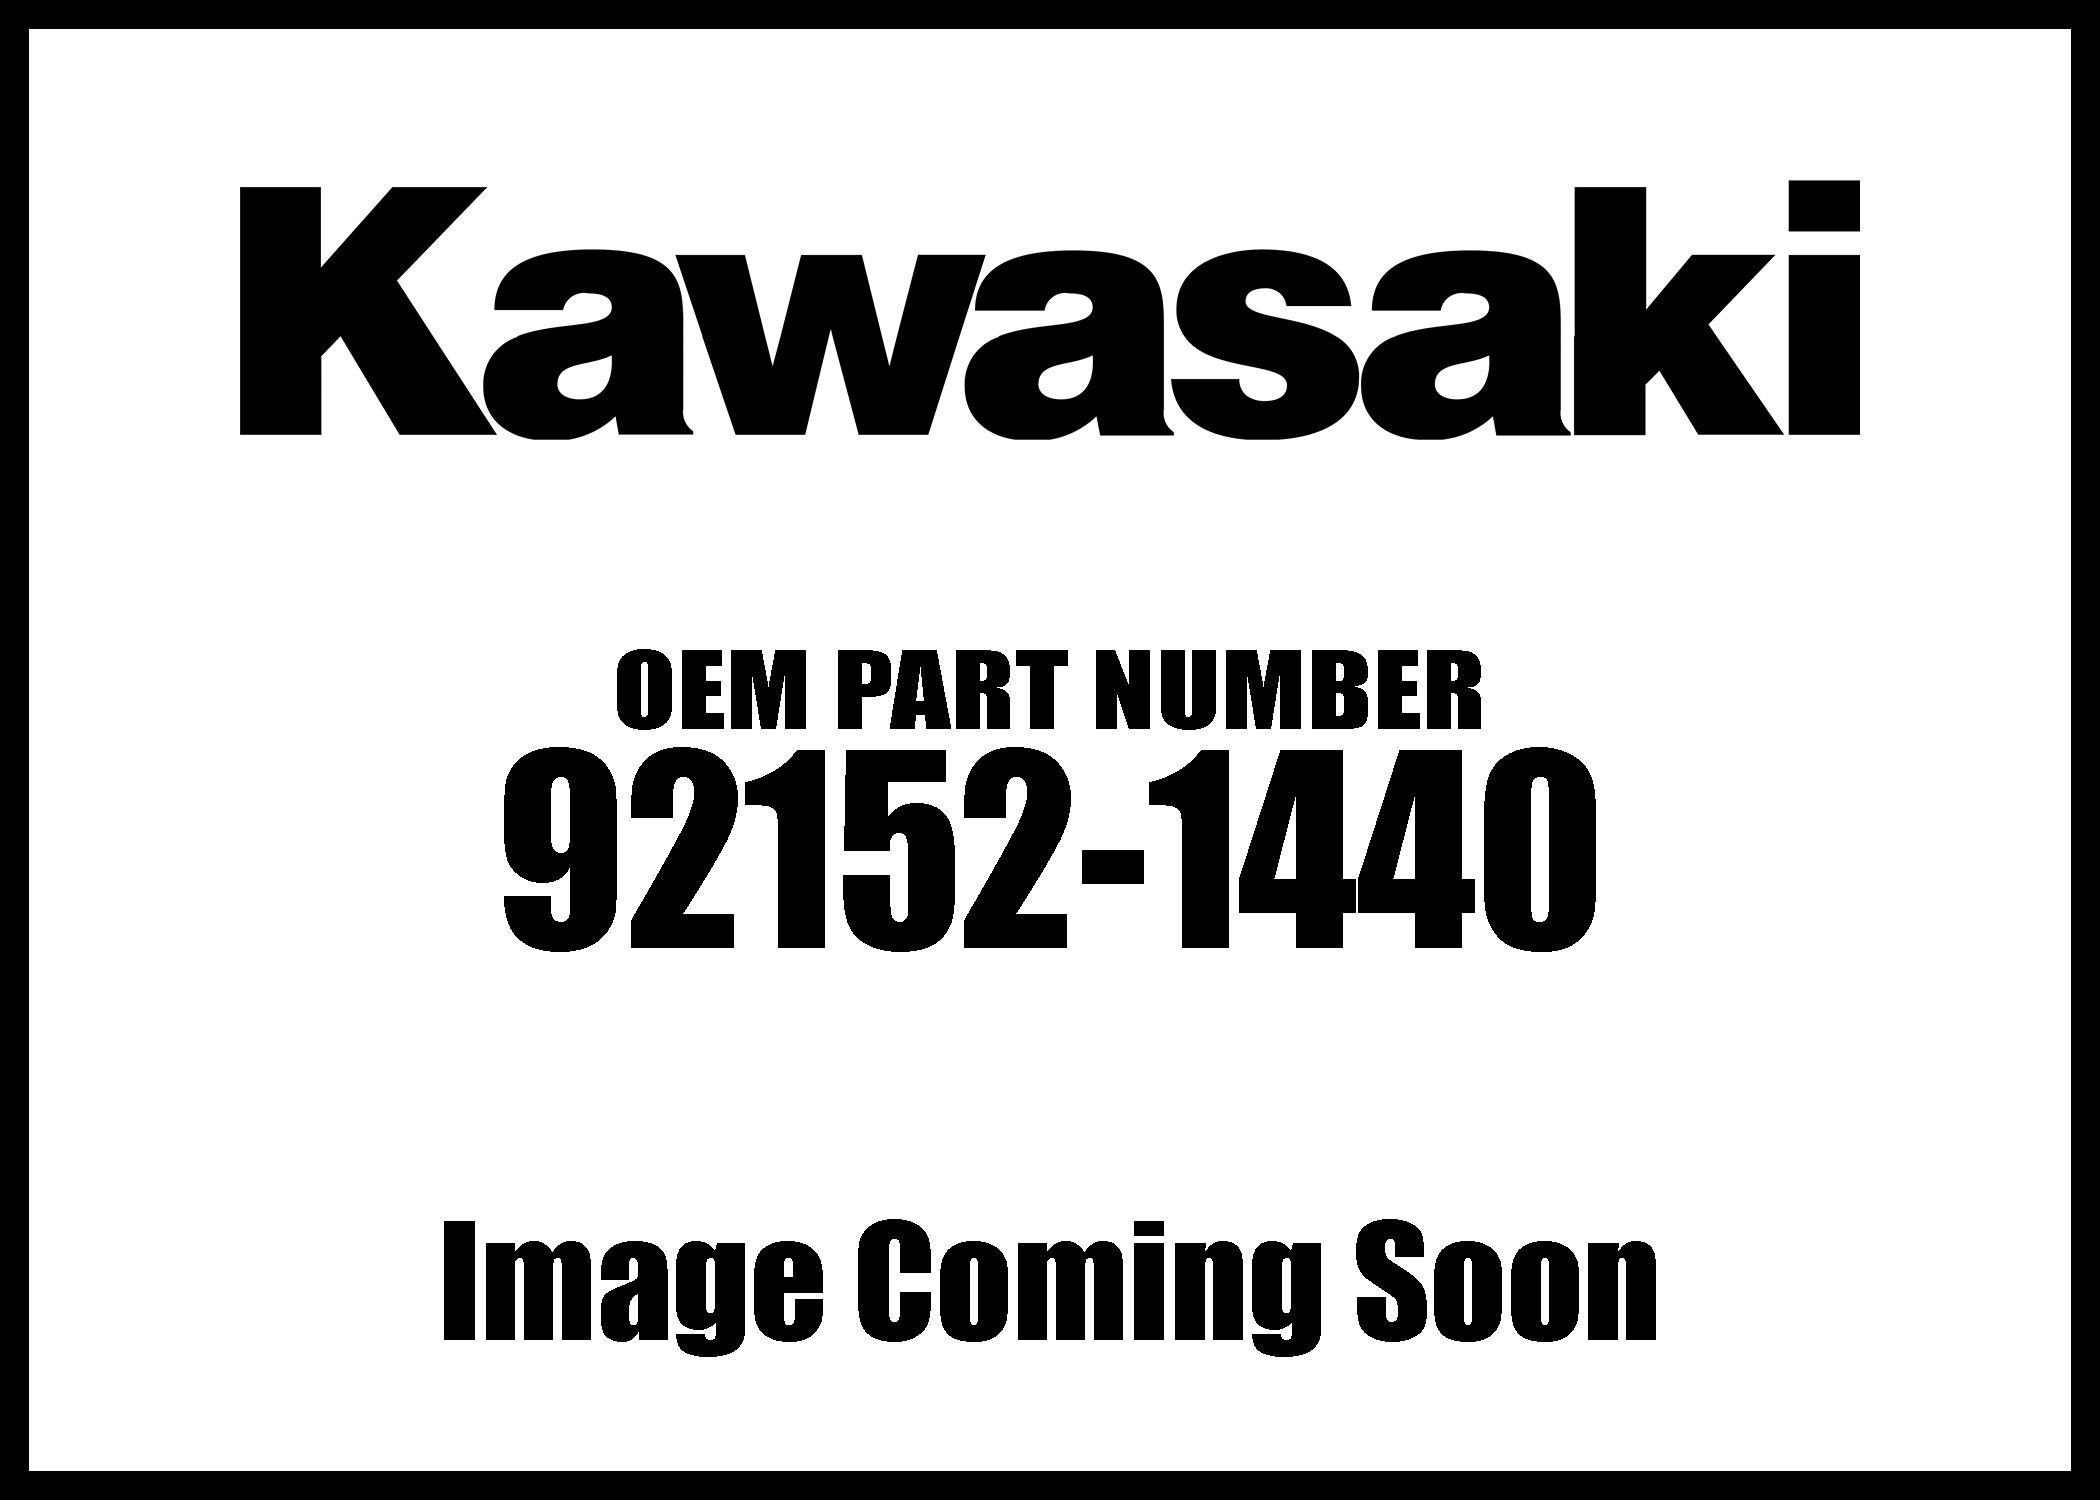 Kawasaki 2012-2018 Brute Force 650 4X4 Teryx 750 Fi 4X4 Sport T=3 7 Collar 92152-1440 New Oem